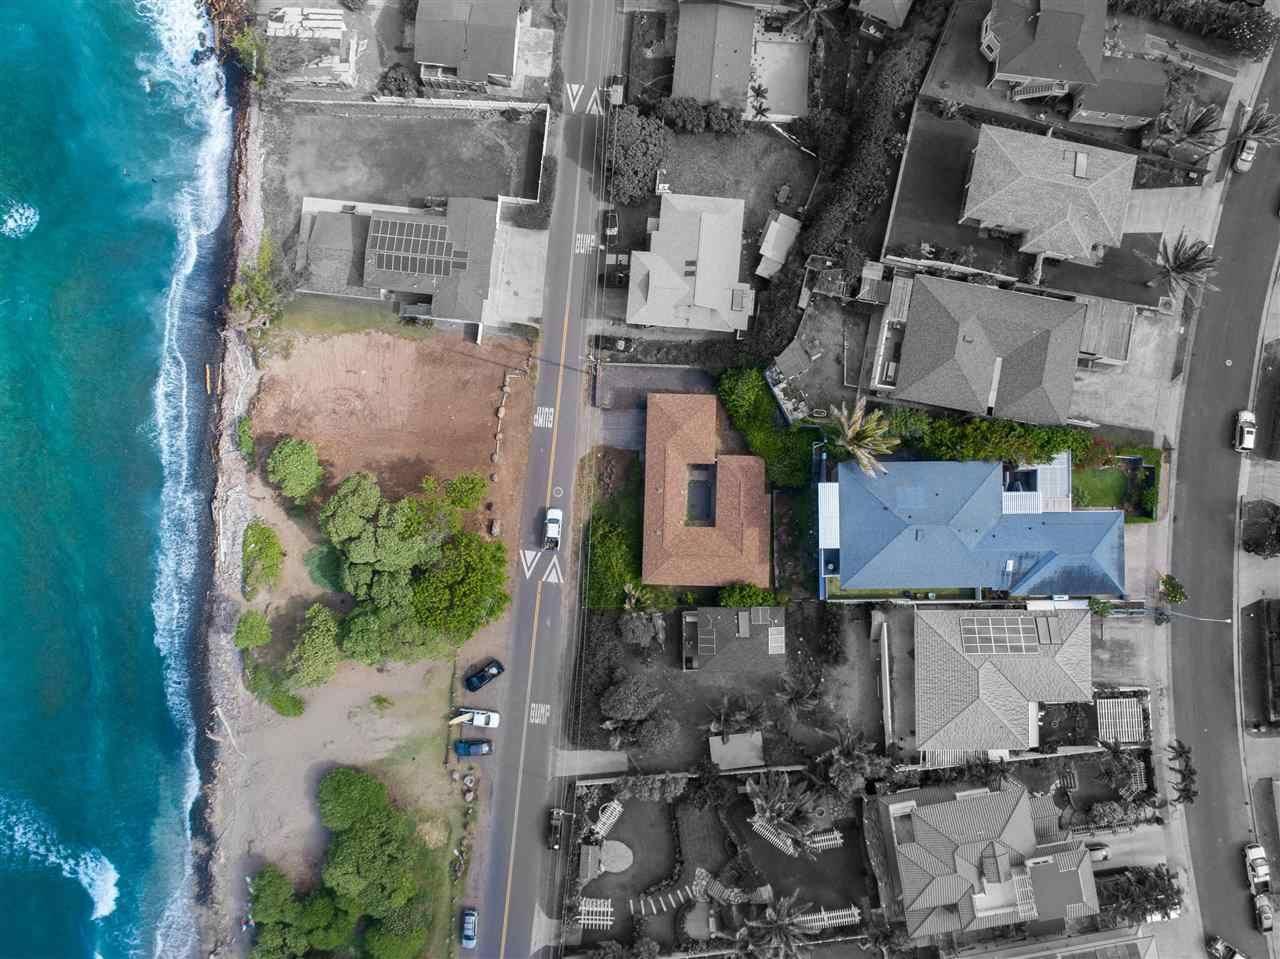 Photo of 1356 Hiahia St #203 Lower Waiehu Bea, Wailuku, HI 96793 (MLS # 391516)